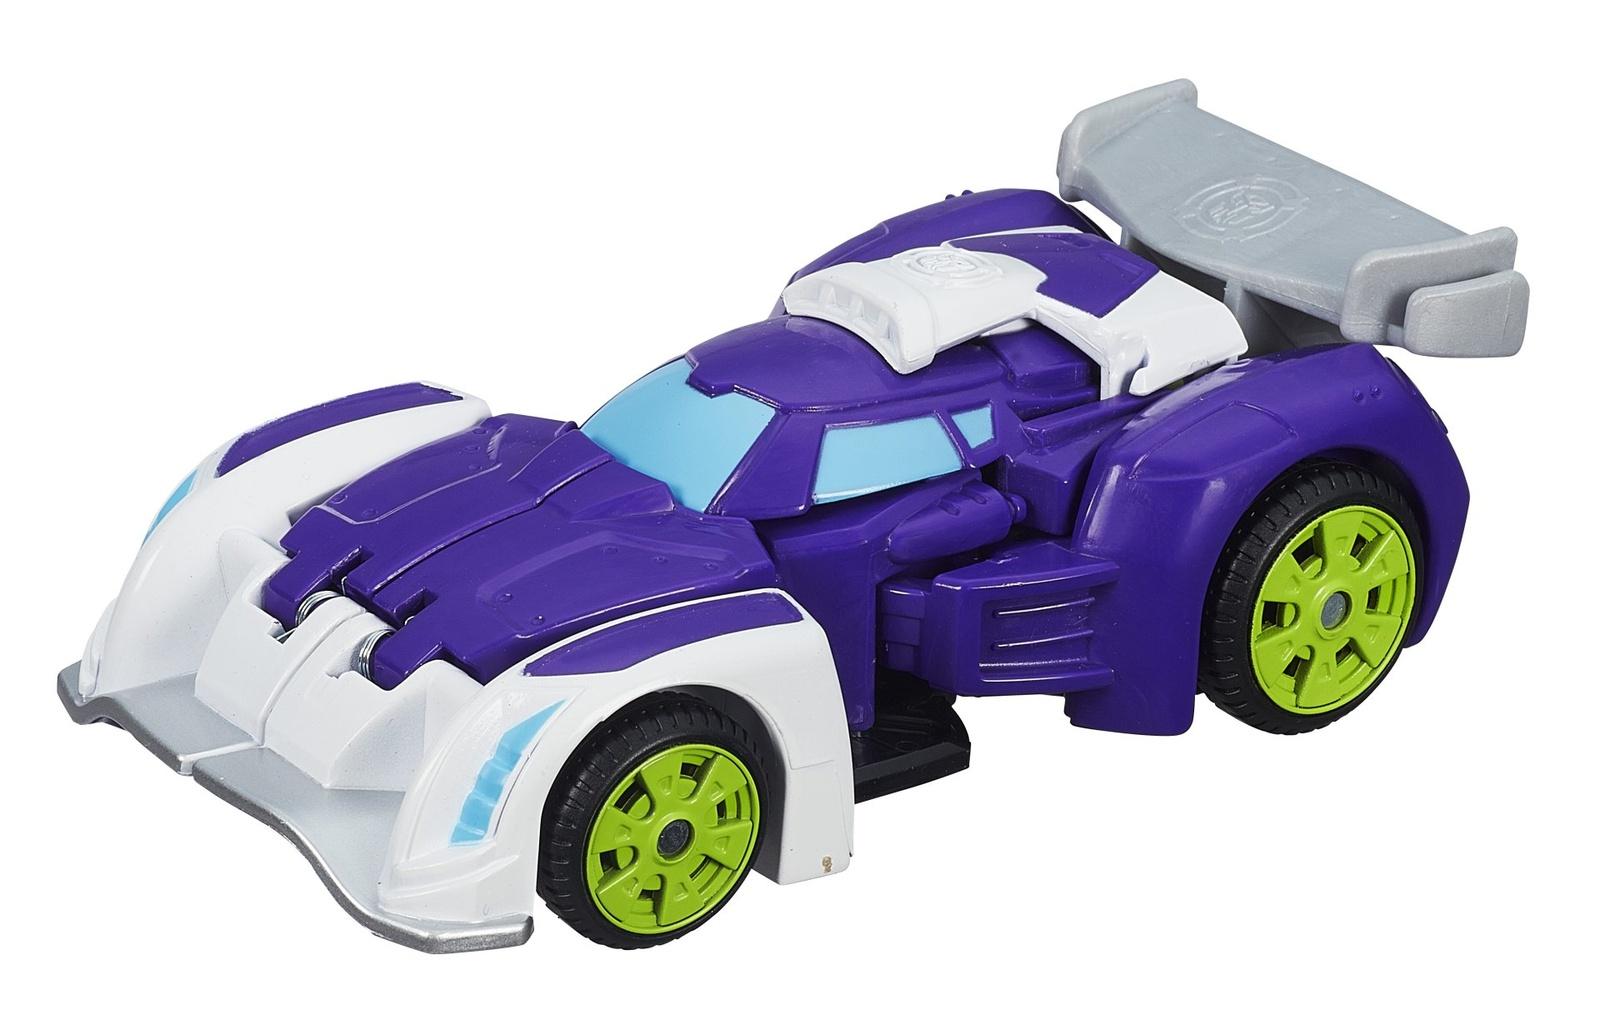 Blurr Transformers Tfw2005